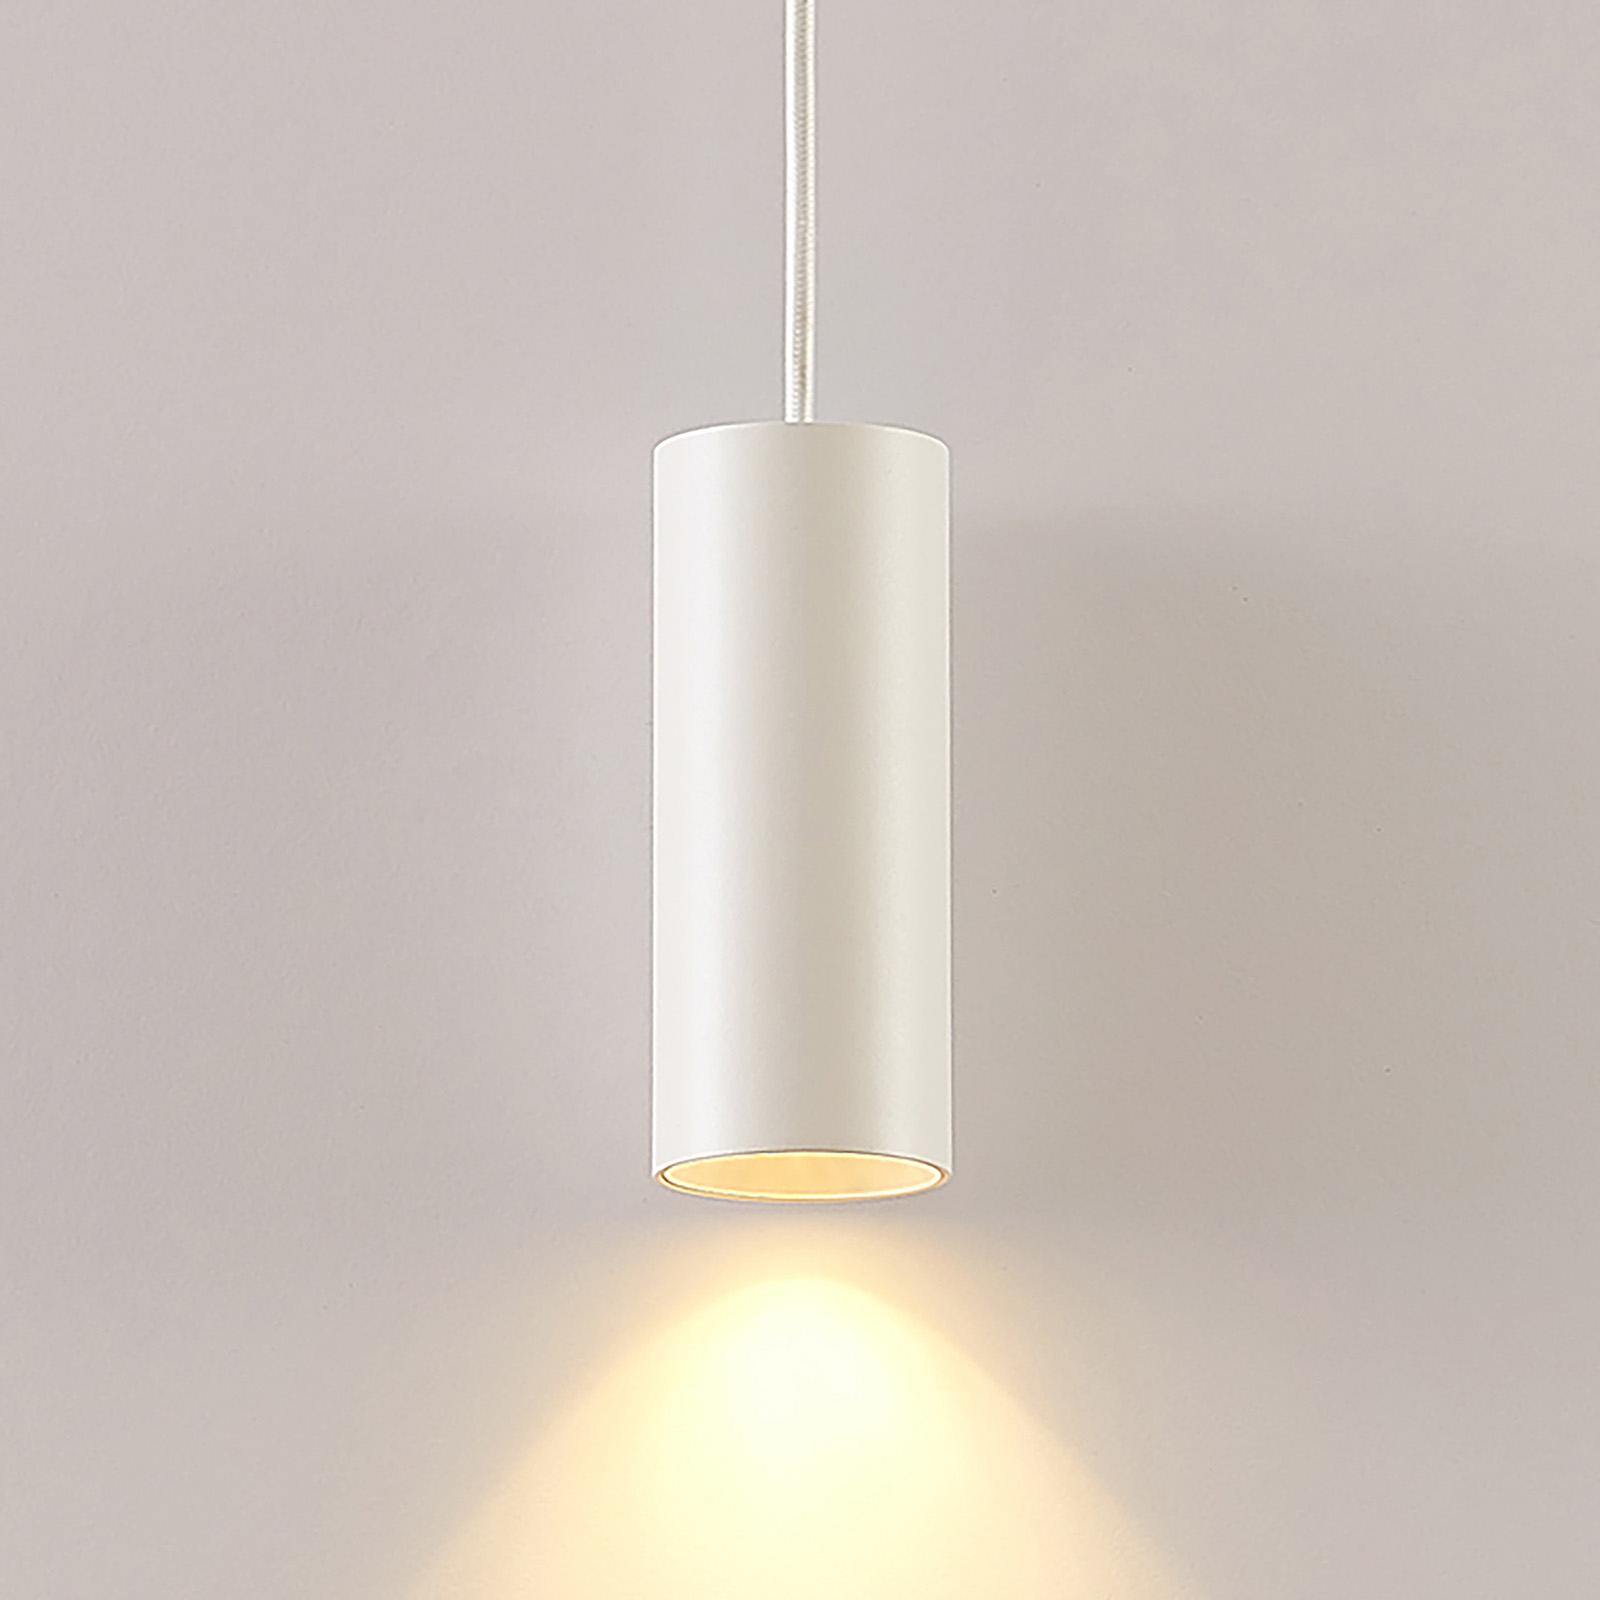 Arcchio Ejona lámpara colgante, altura 15cm blanco